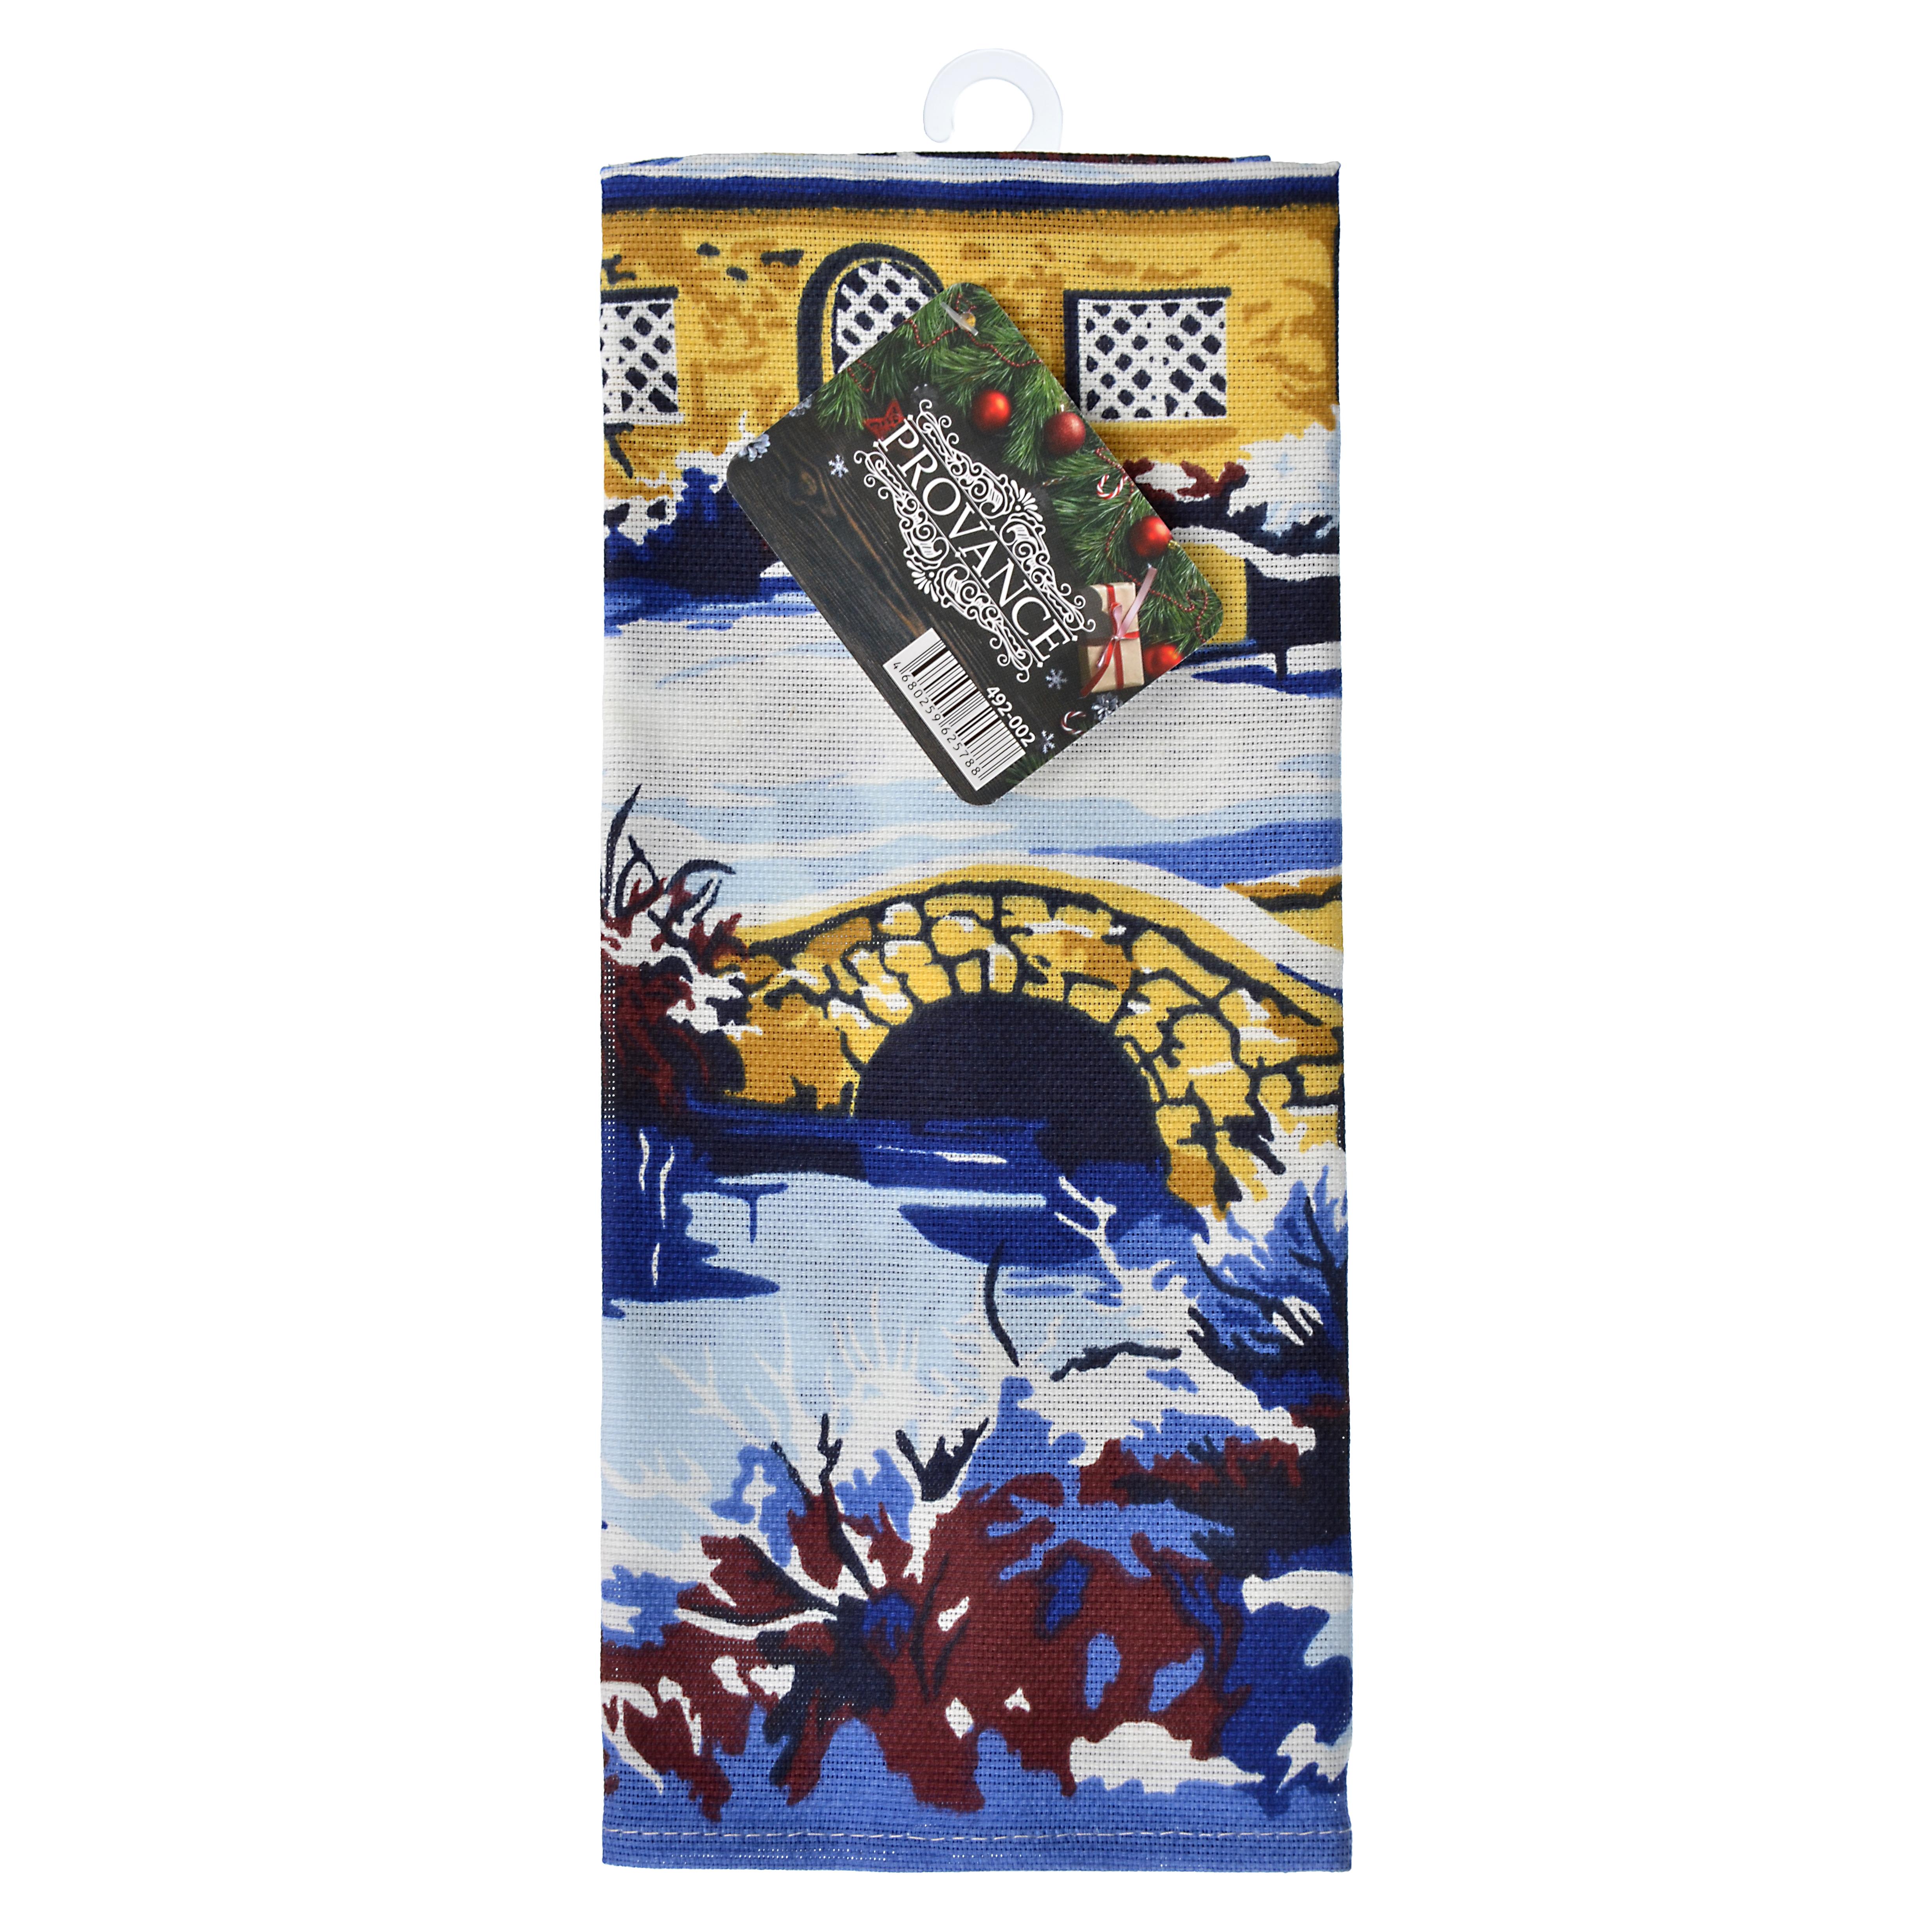 PROVANCE Зимняя сказка Полотенце кухонное, рогожка, 100% хлопок, 35х60см, 2 дизайна